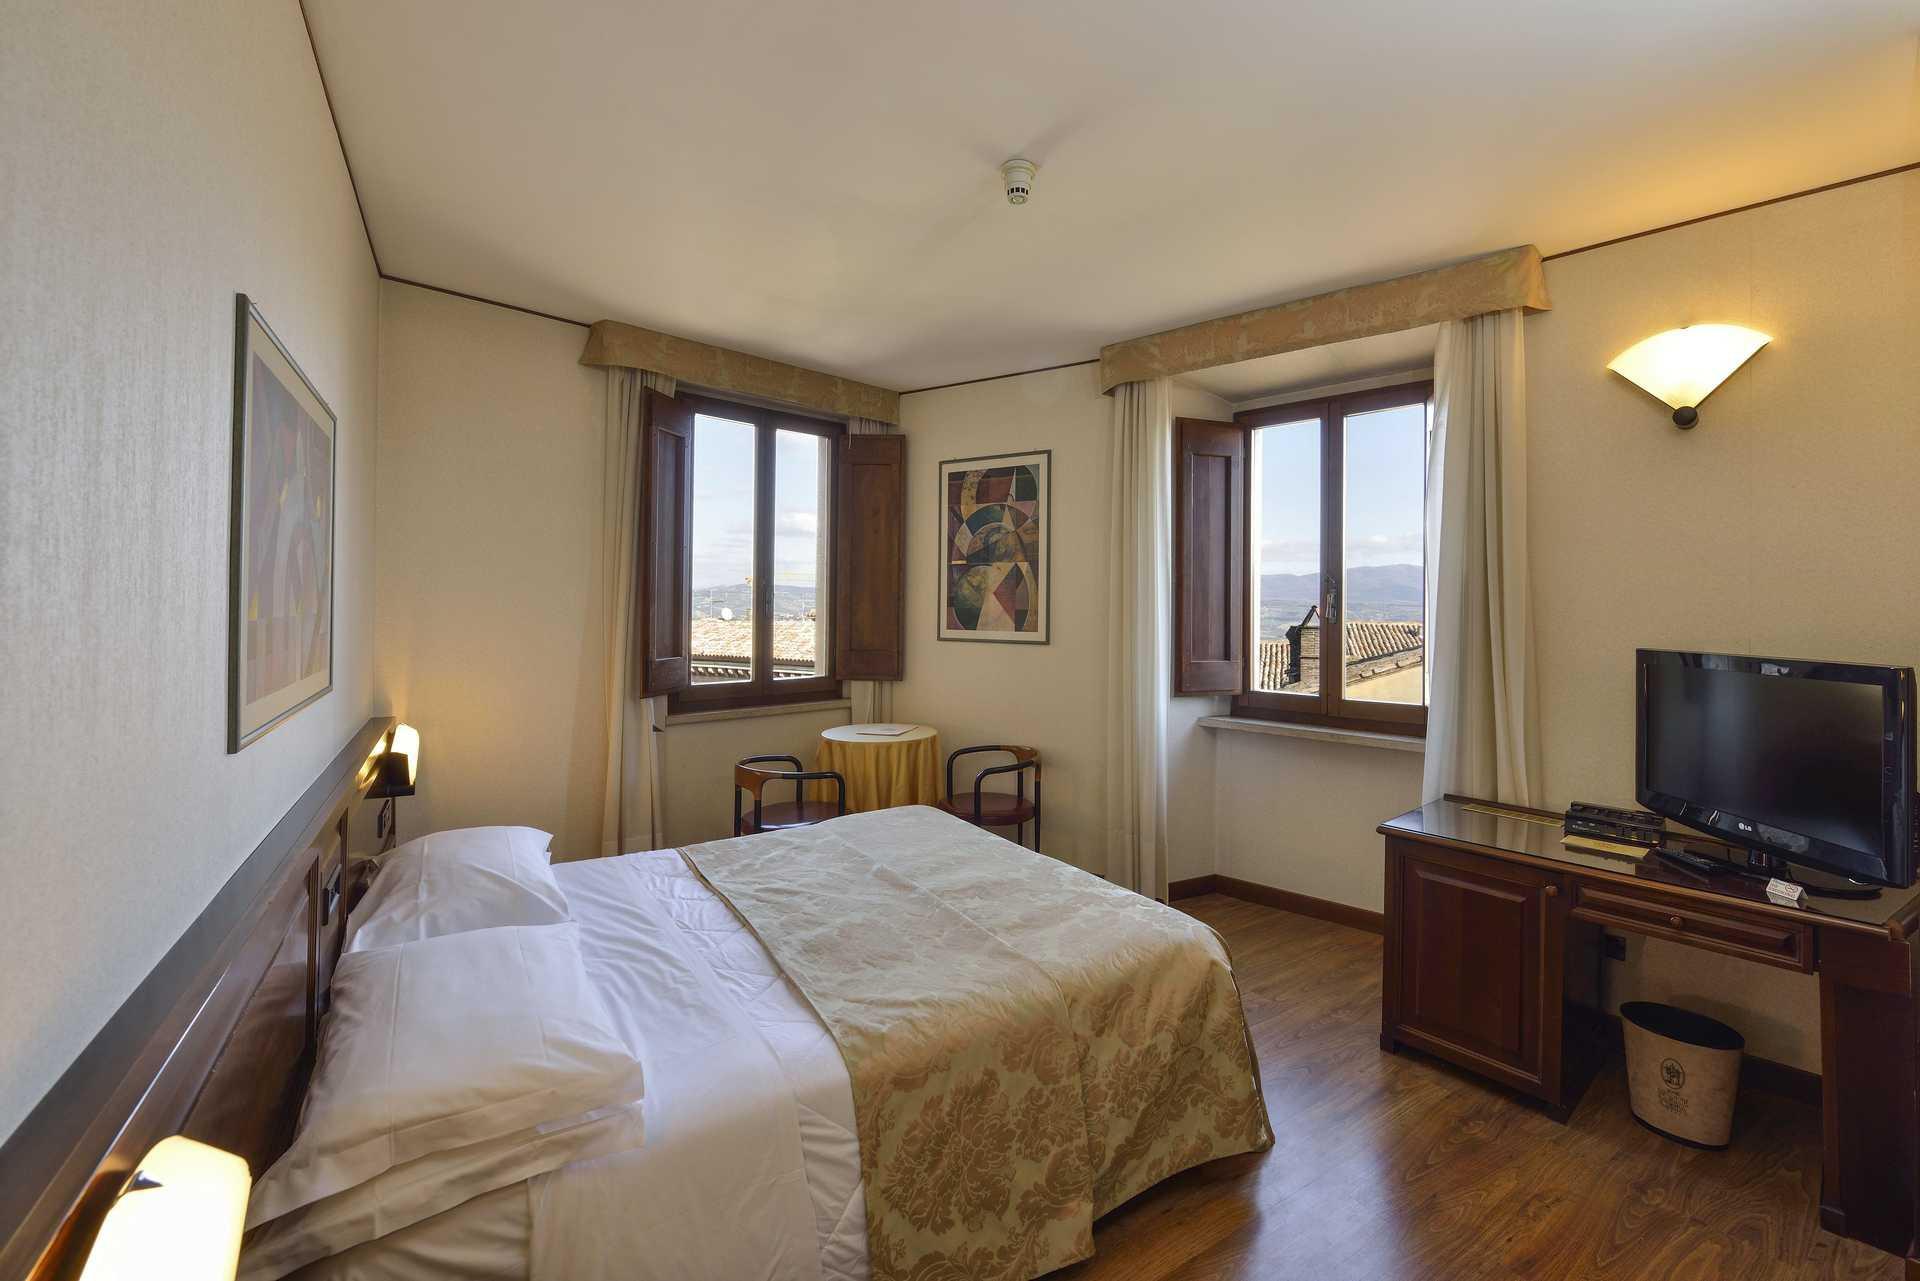 Hotel Fonte Cesia - camera classica con vista-classic rooms with view - Camera